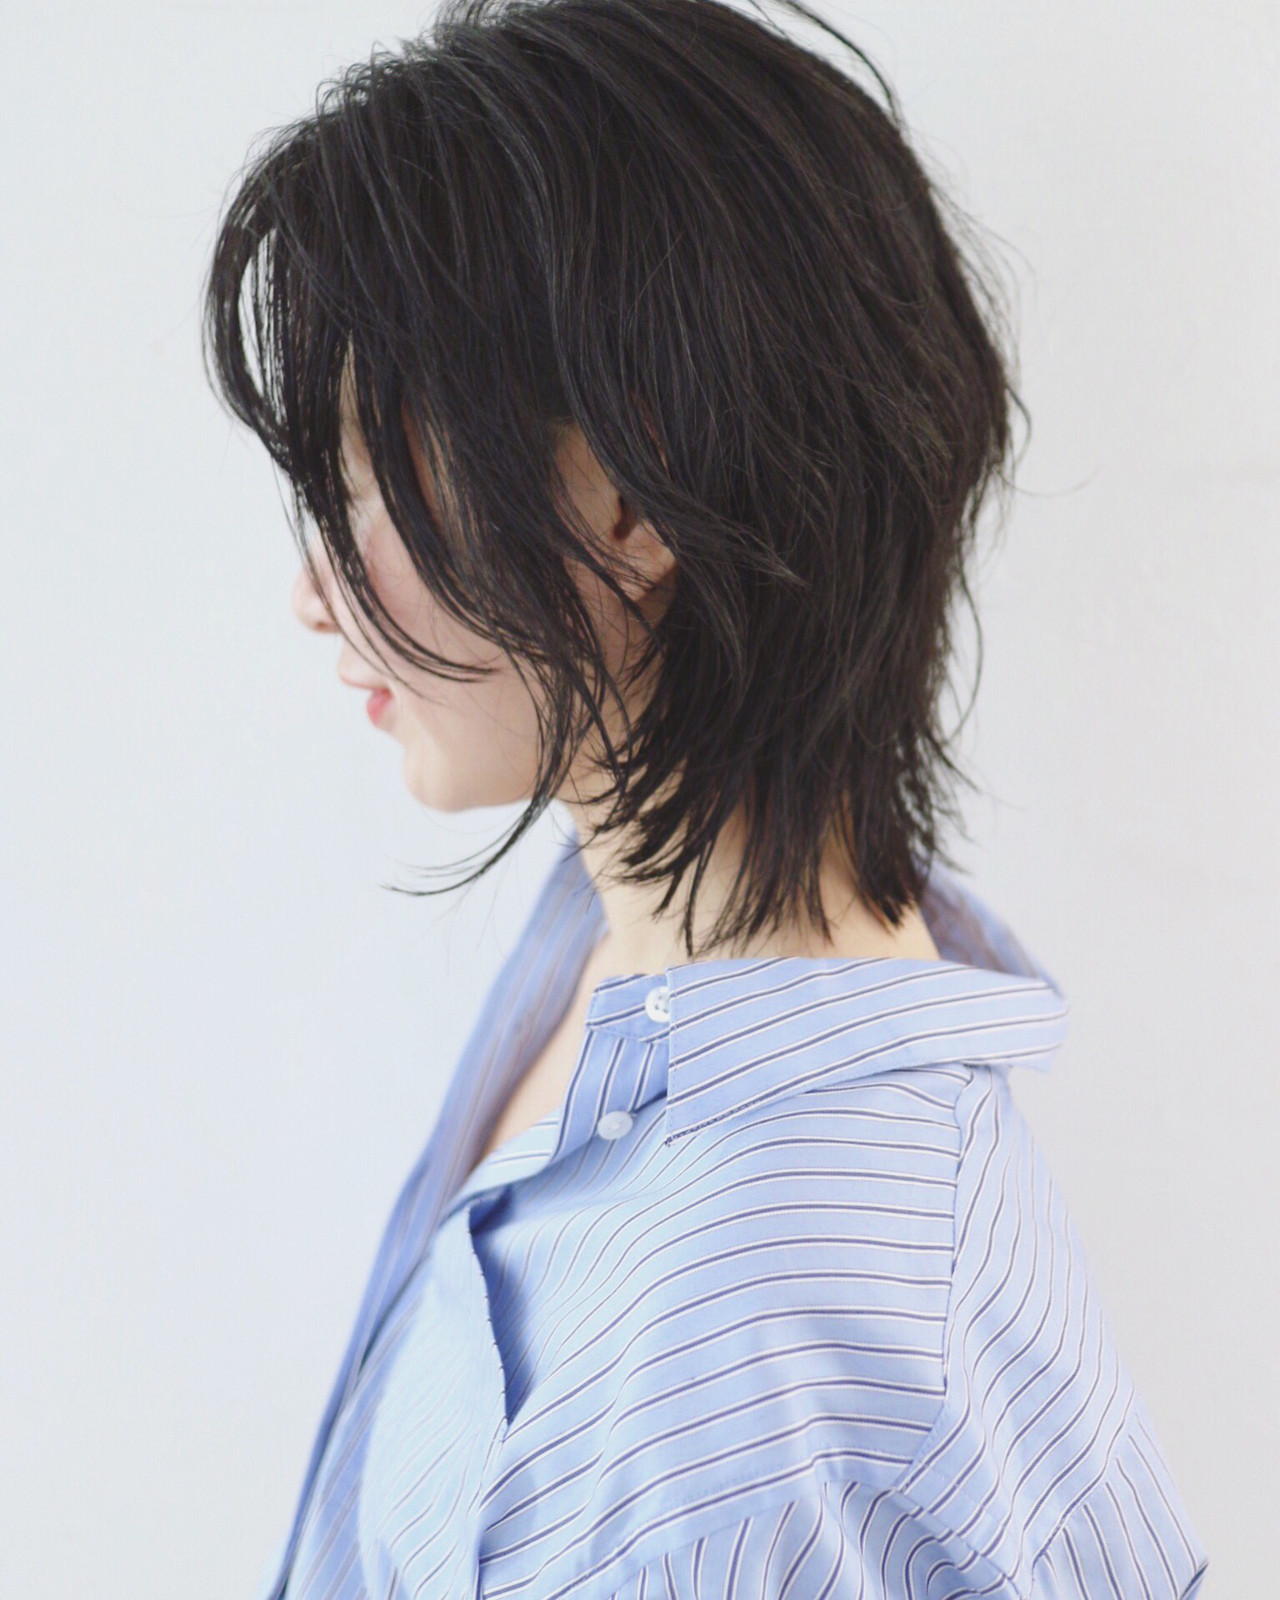 ニュアンスウルフ ウルフカット ストリート ウルフ ヘアスタイルや髪型の写真・画像